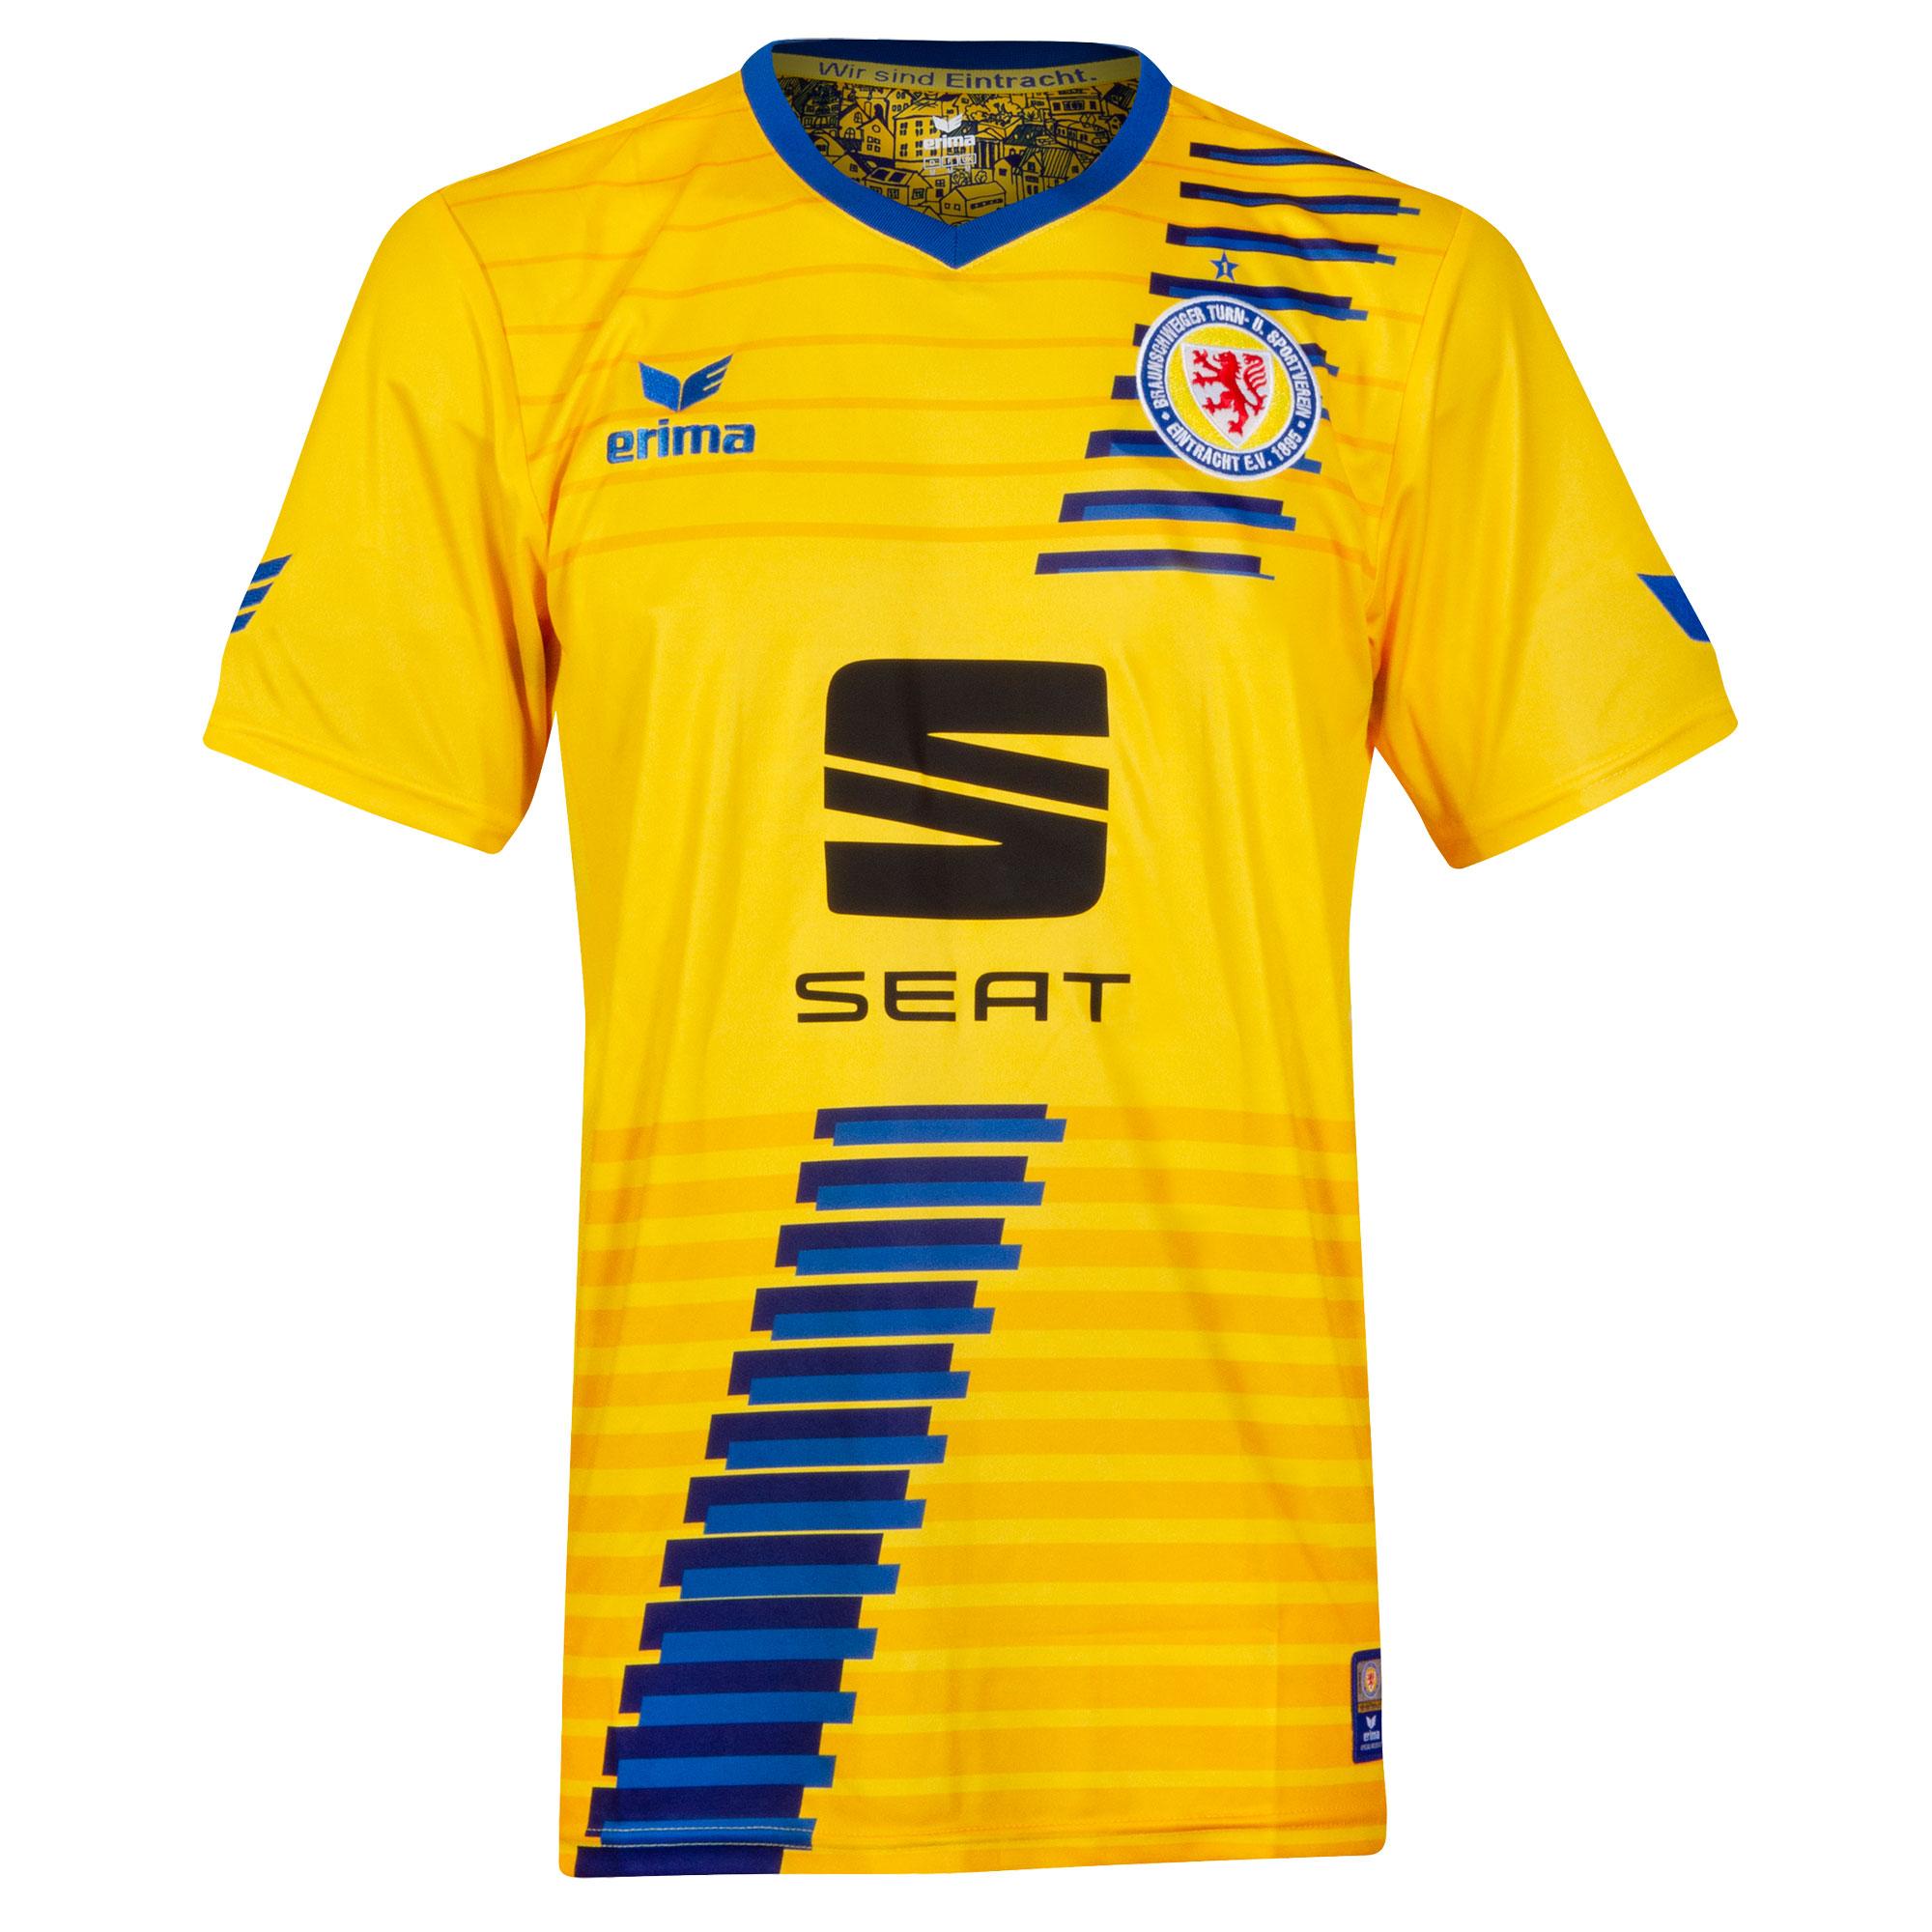 Eintracht Braunschweig Home shirt